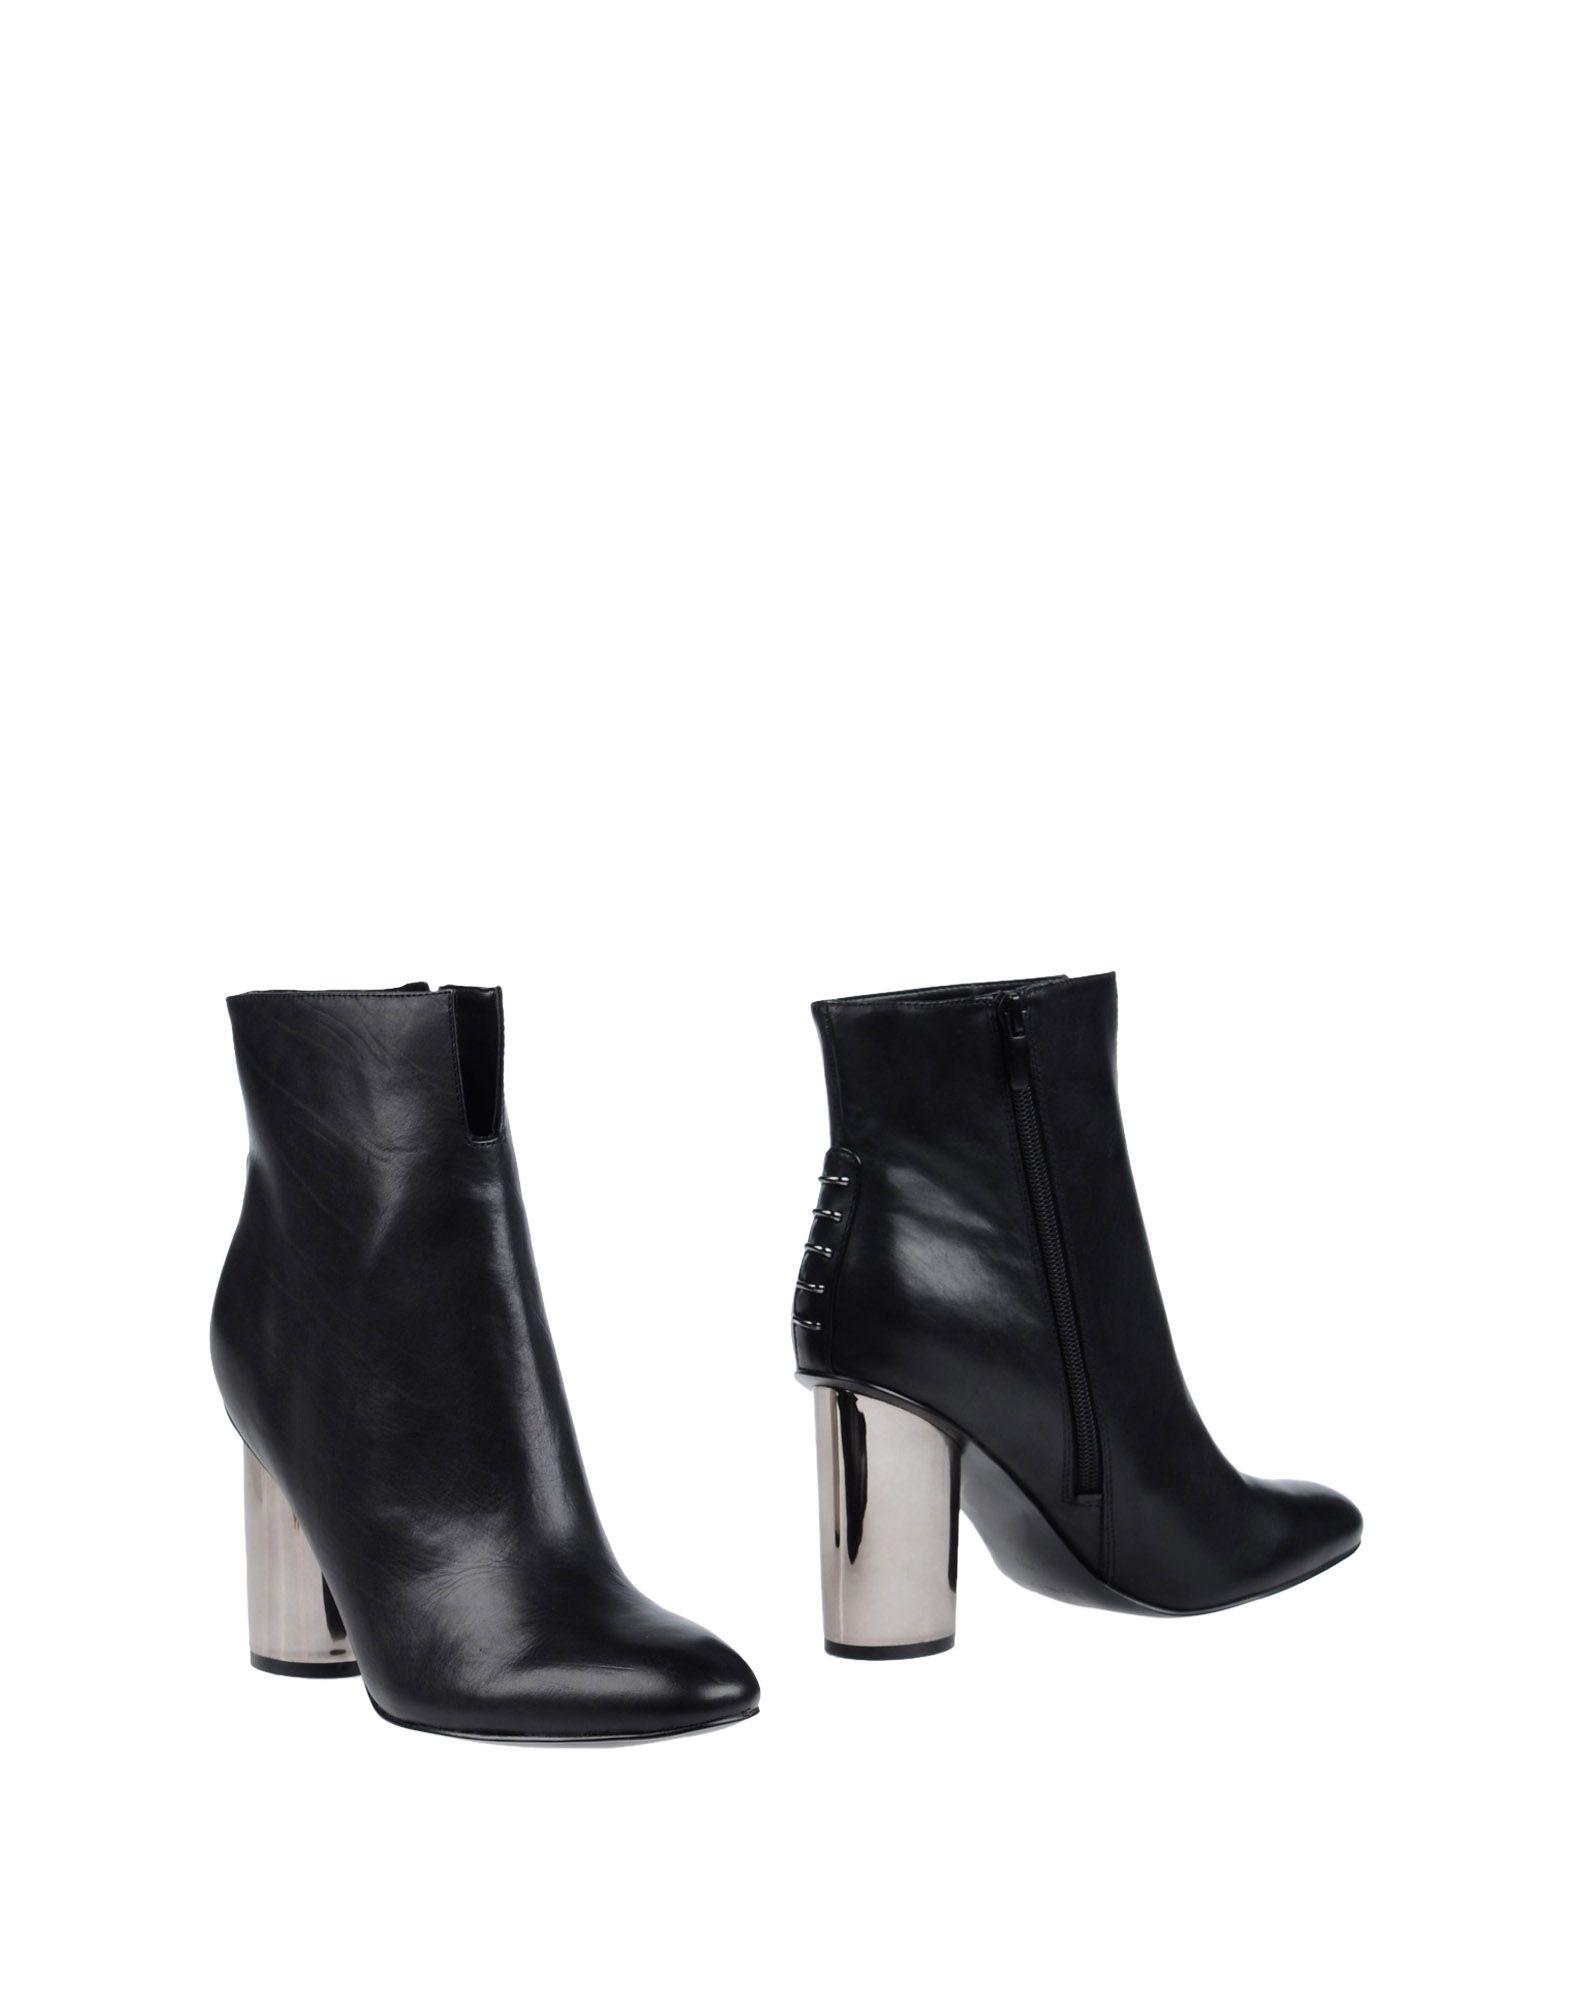 Kendall + Kylie Stiefelette Damen  11250313QN Gute Qualität beliebte Schuhe